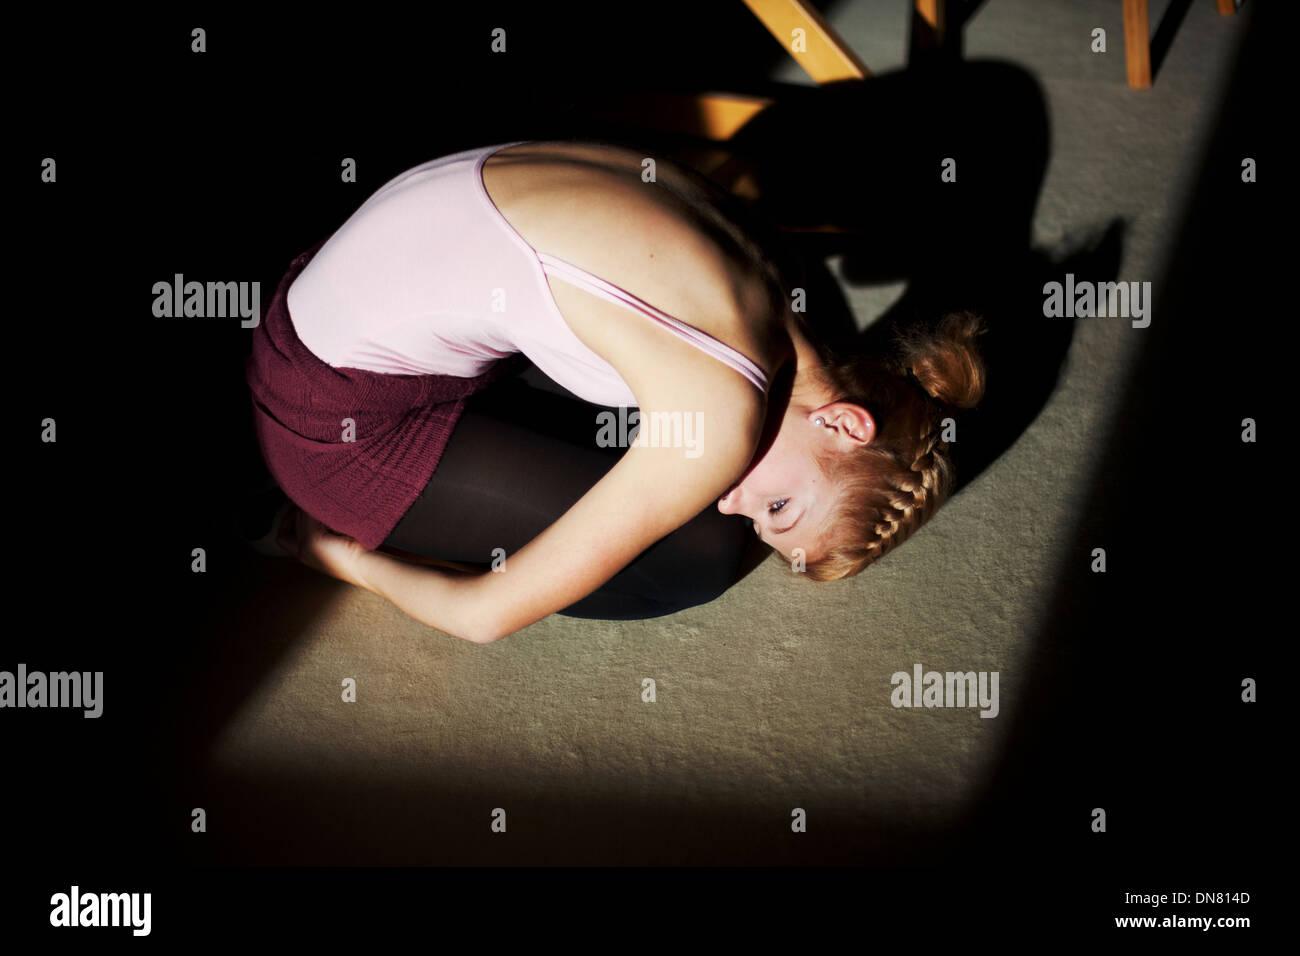 Mujer joven arrodillados en el suelo, Retrato Imagen De Stock